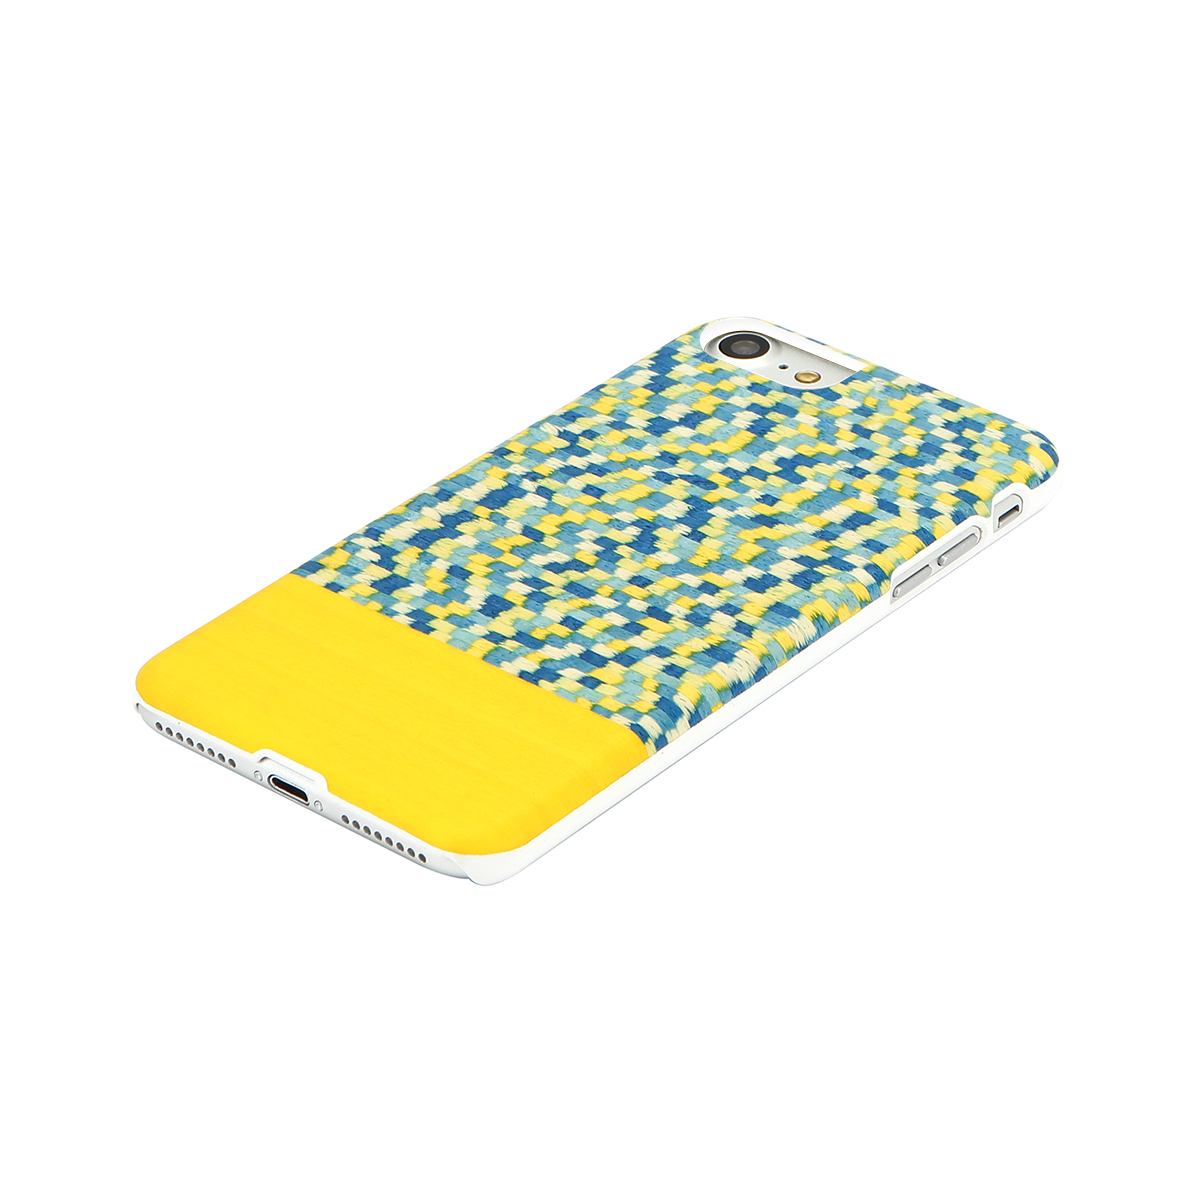 iPhone SE 第2世代 se2 ケース iPhone 8/7ケース 天然木 Man&Wood Yellow Submarine(マンアンドウッド イエローサブマリン)アイフォン カバー 木製